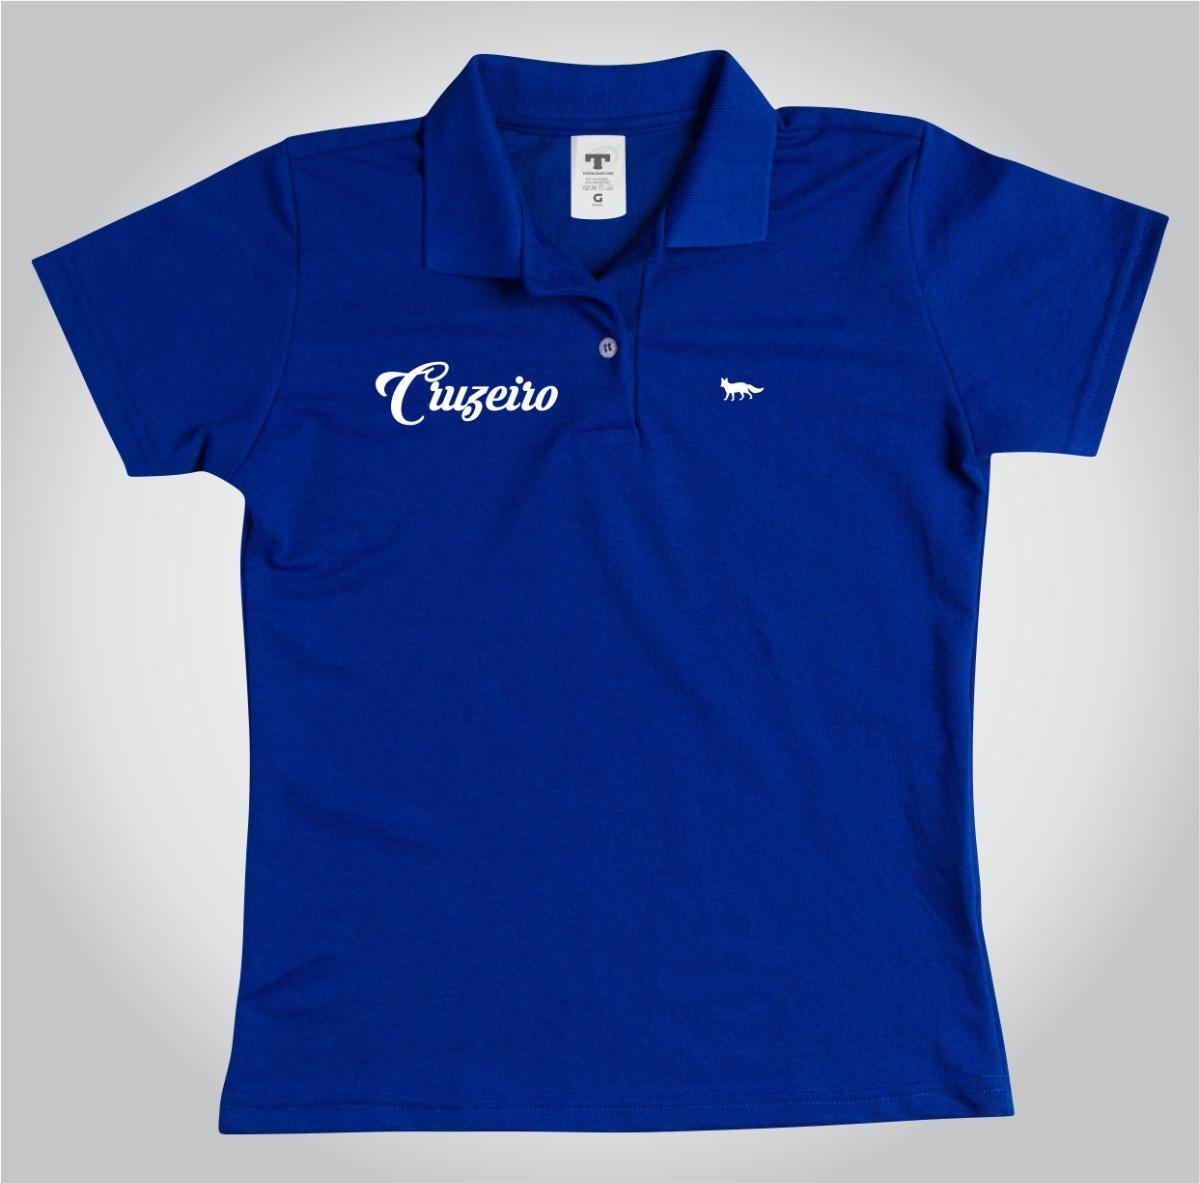 camisa polo personalizada cruzeiro lais feminino azul. Carregando zoom. 1d7493212c44c